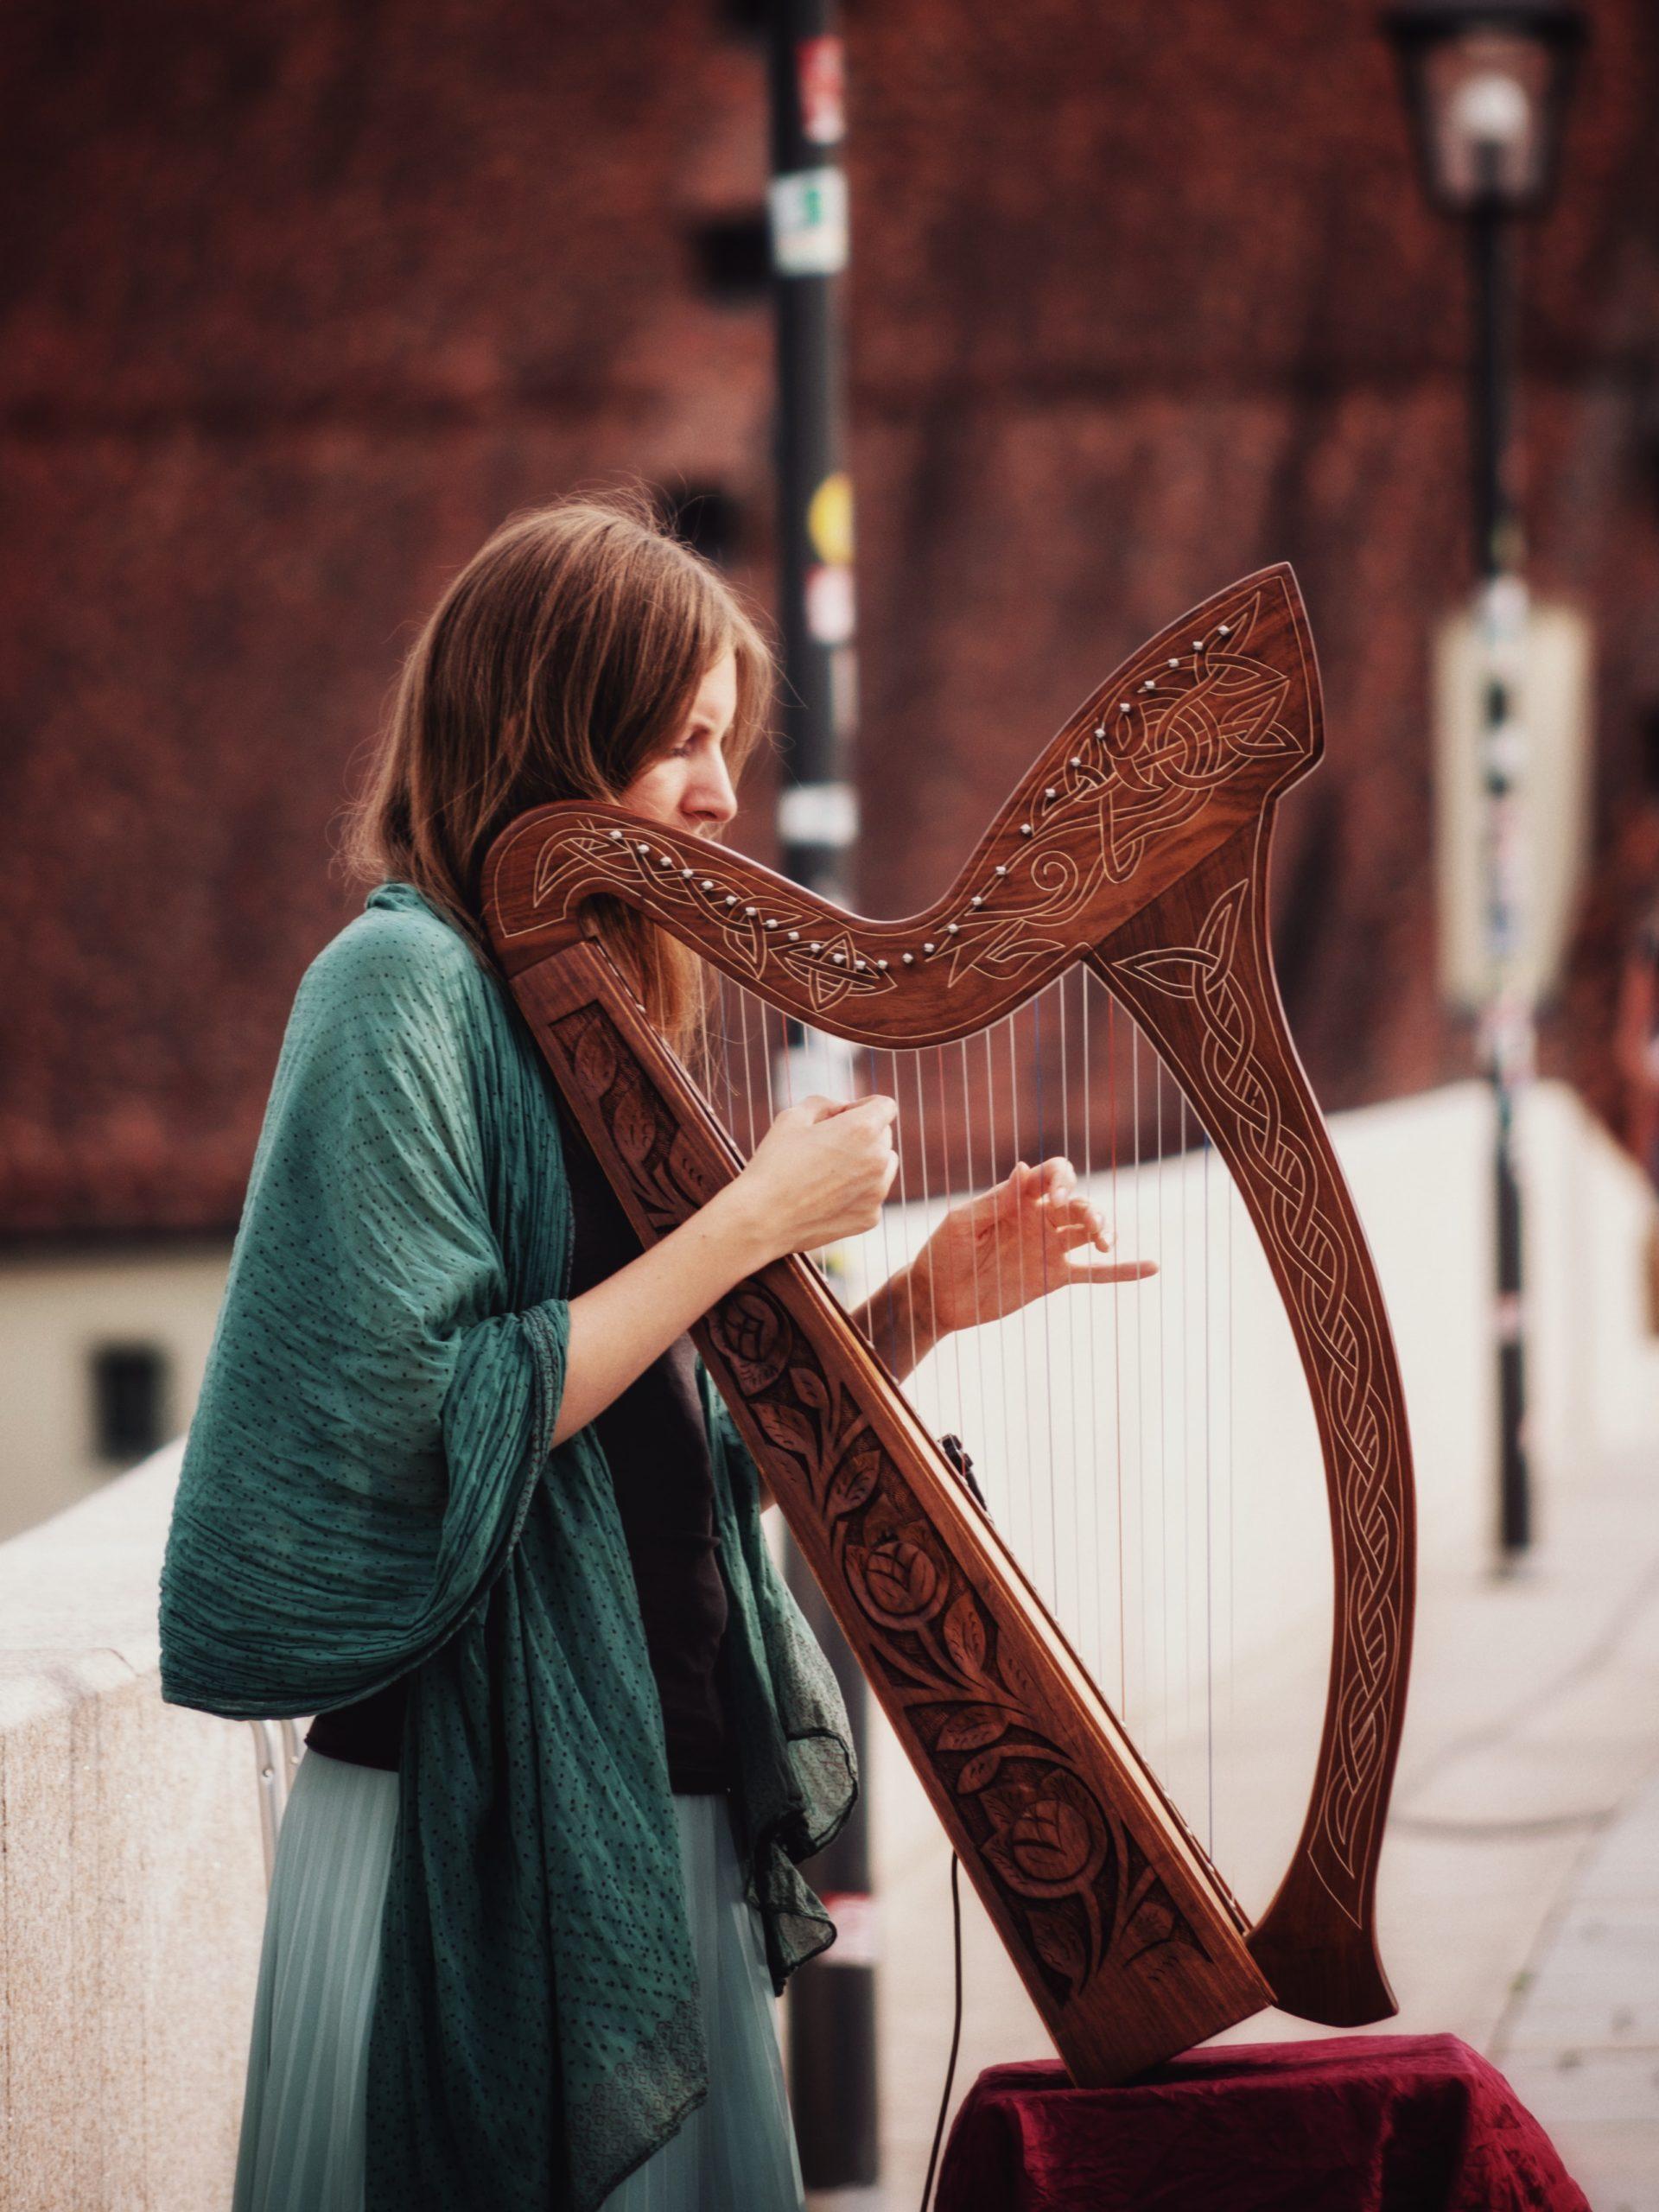 Irland: Eine Frau in grünem Gewand spielt auf eine irischen Harfe